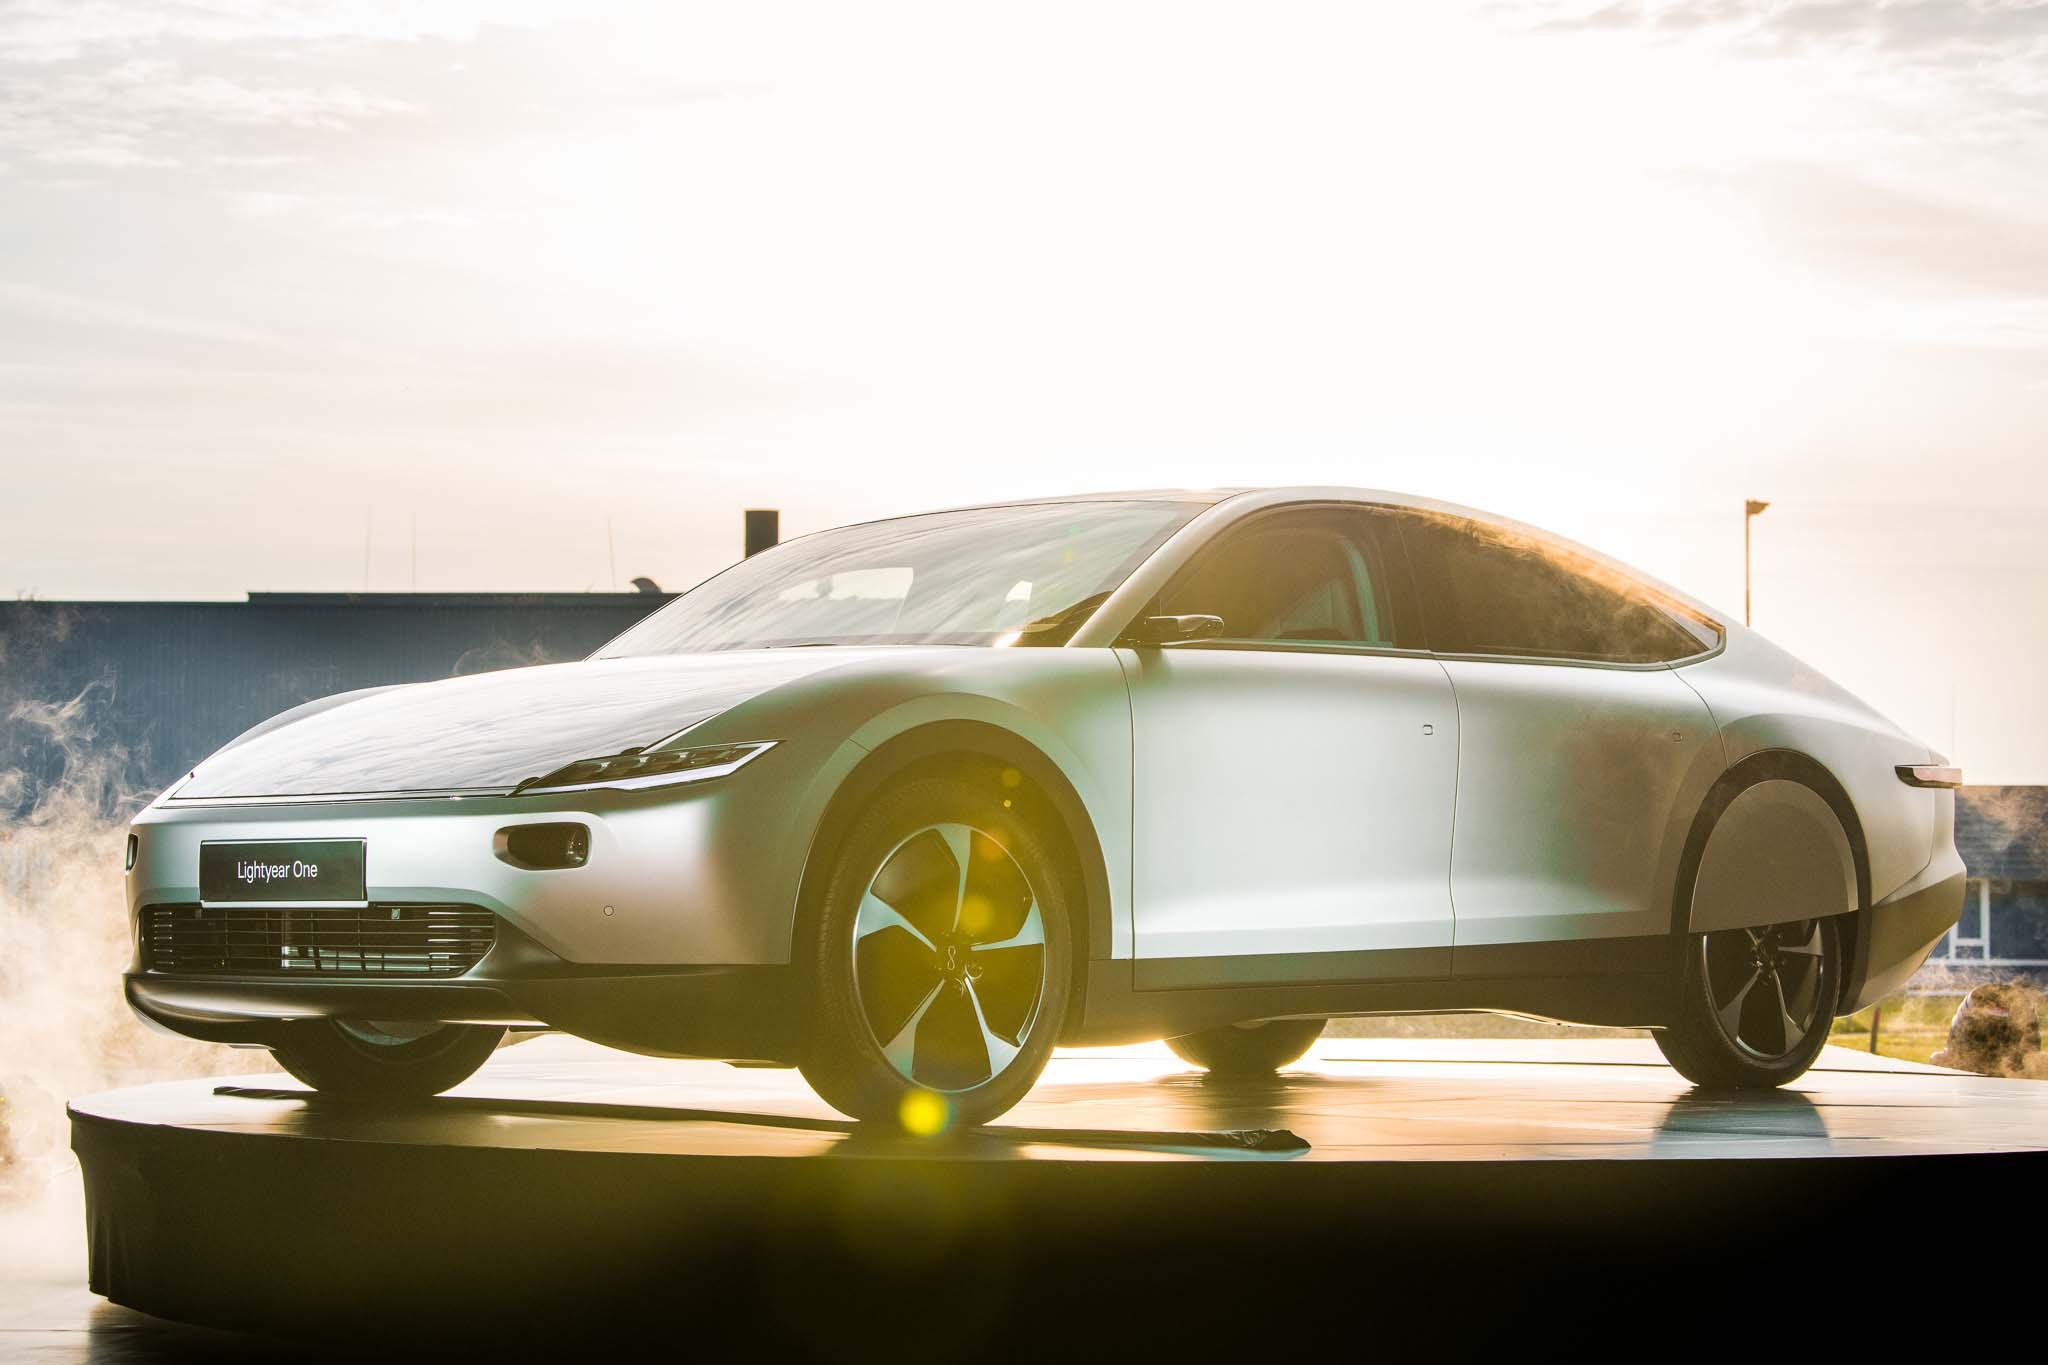 Lancio dell'auto solare Lightyear One